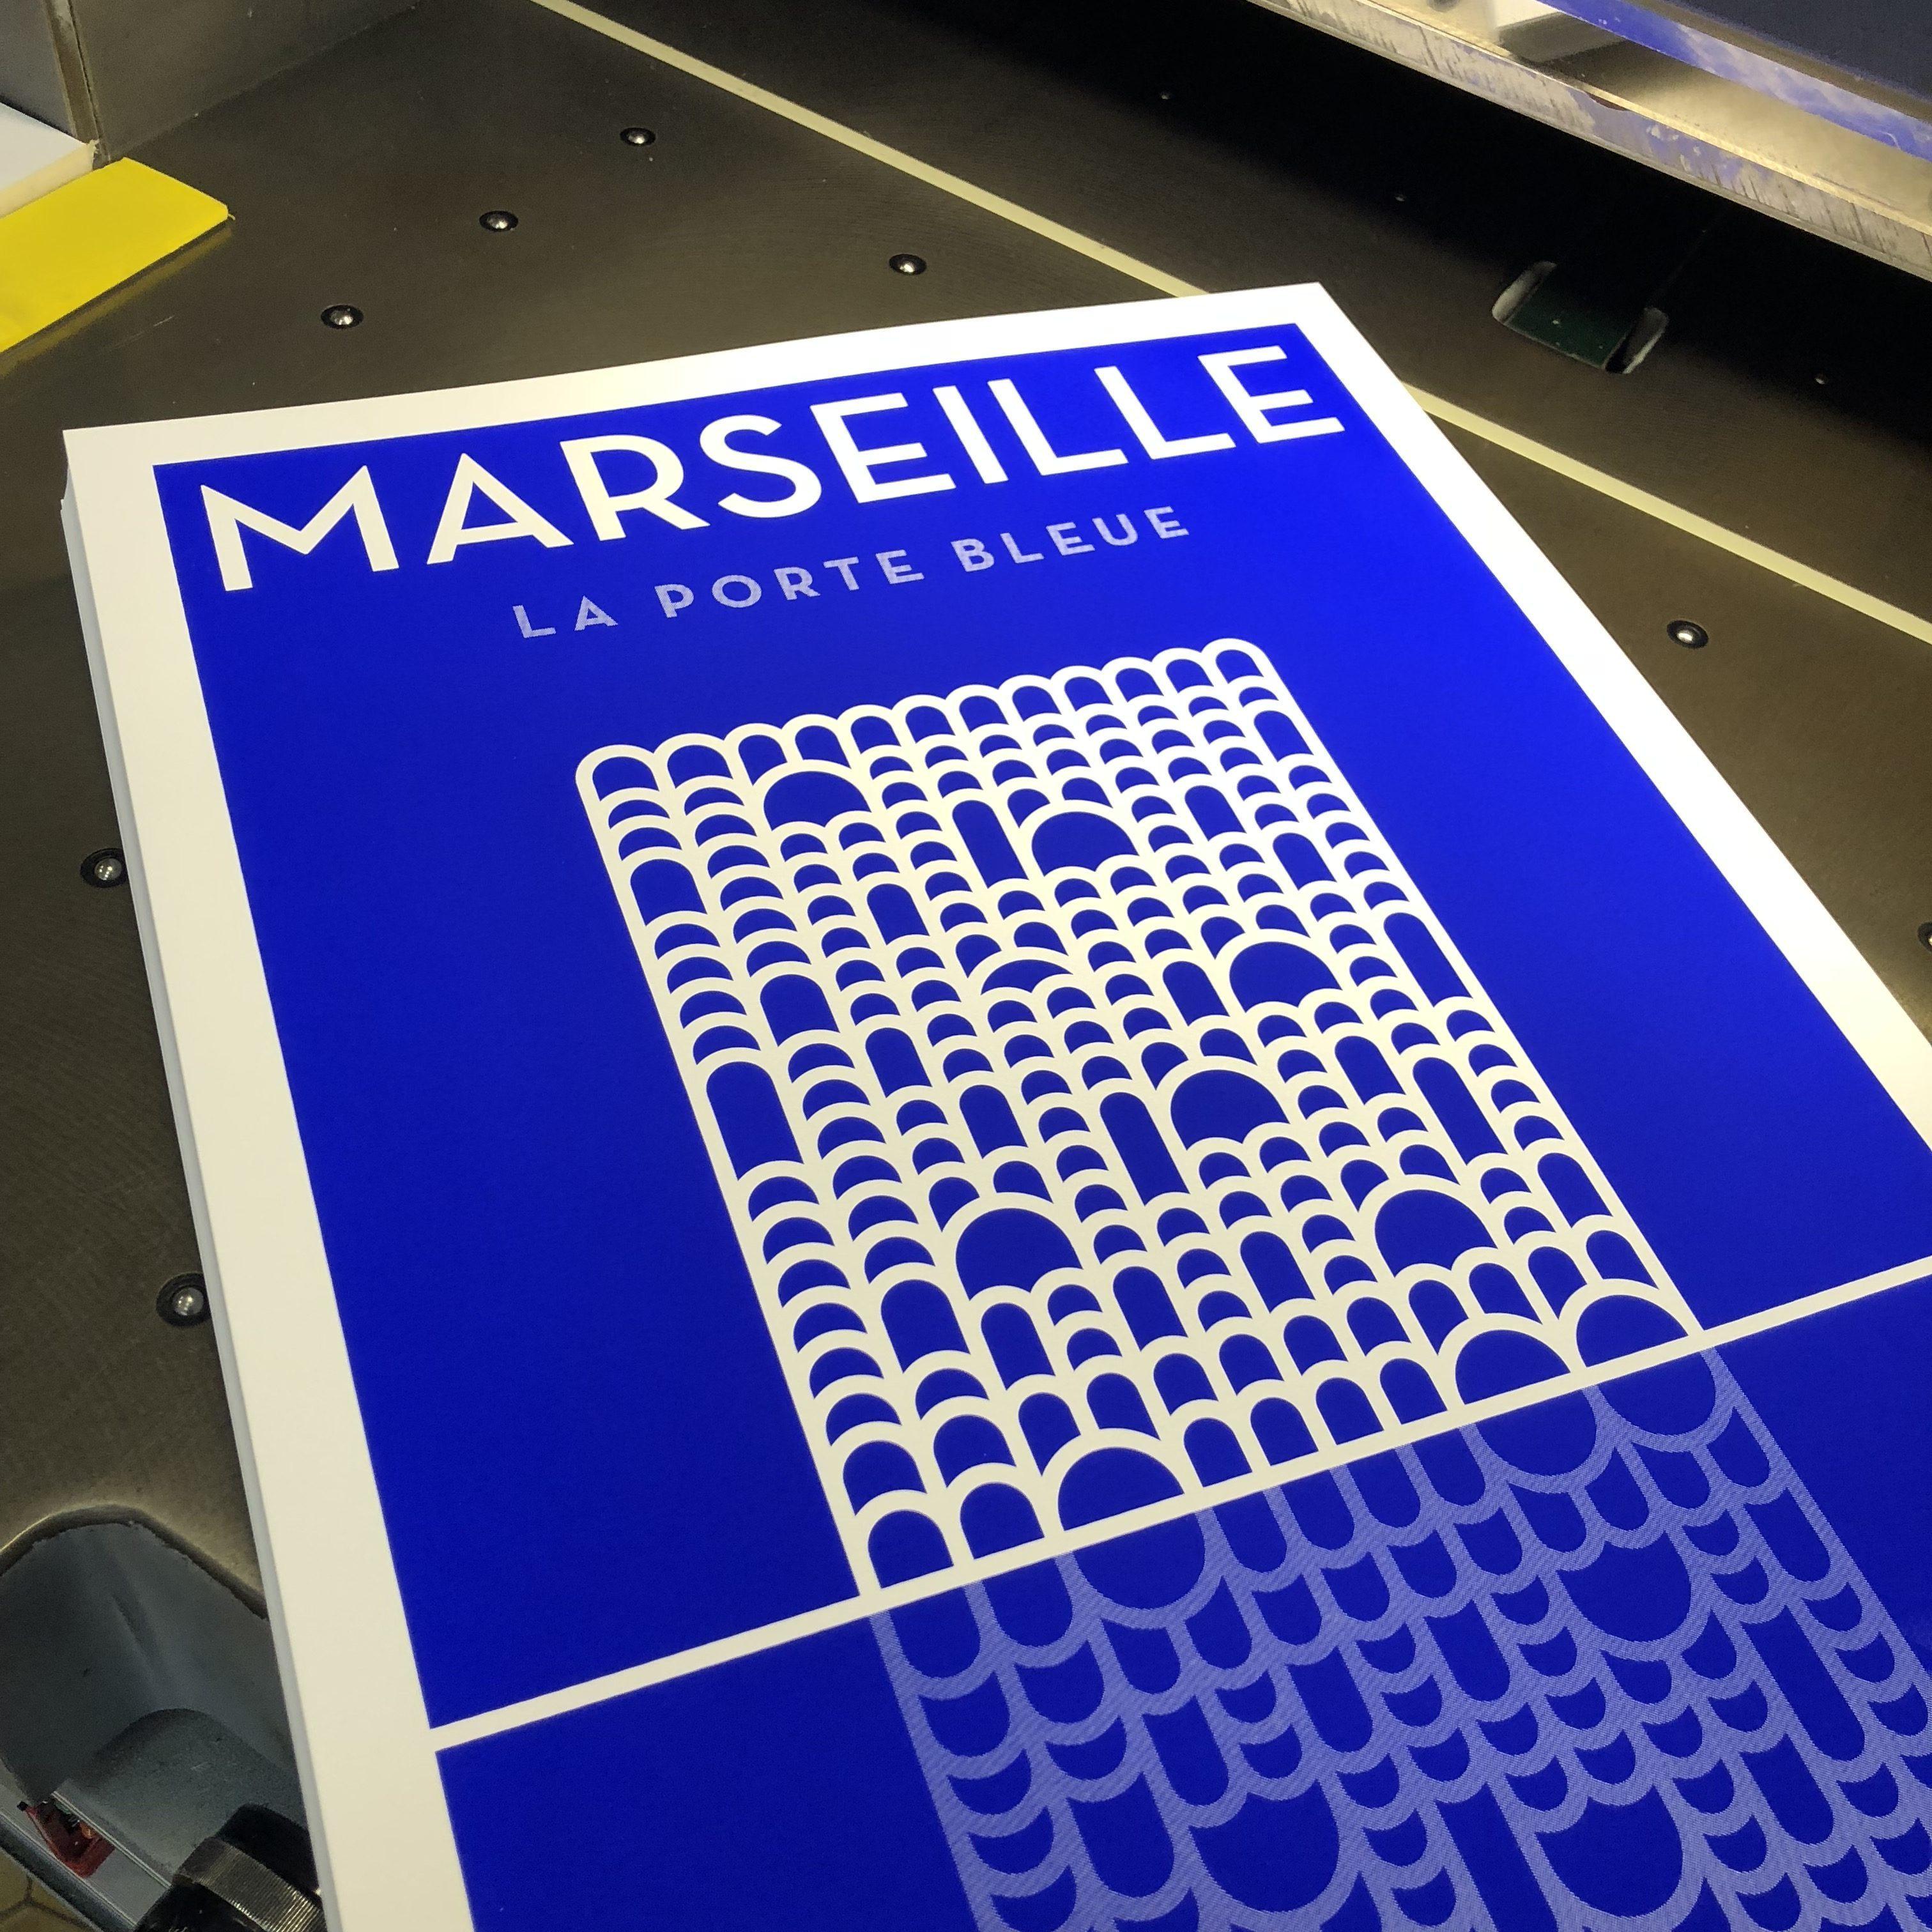 marseille-la-porte-bleue-serigraphie-bleu-electrique-atelier-fwells-pietriarchitectes-H5studio